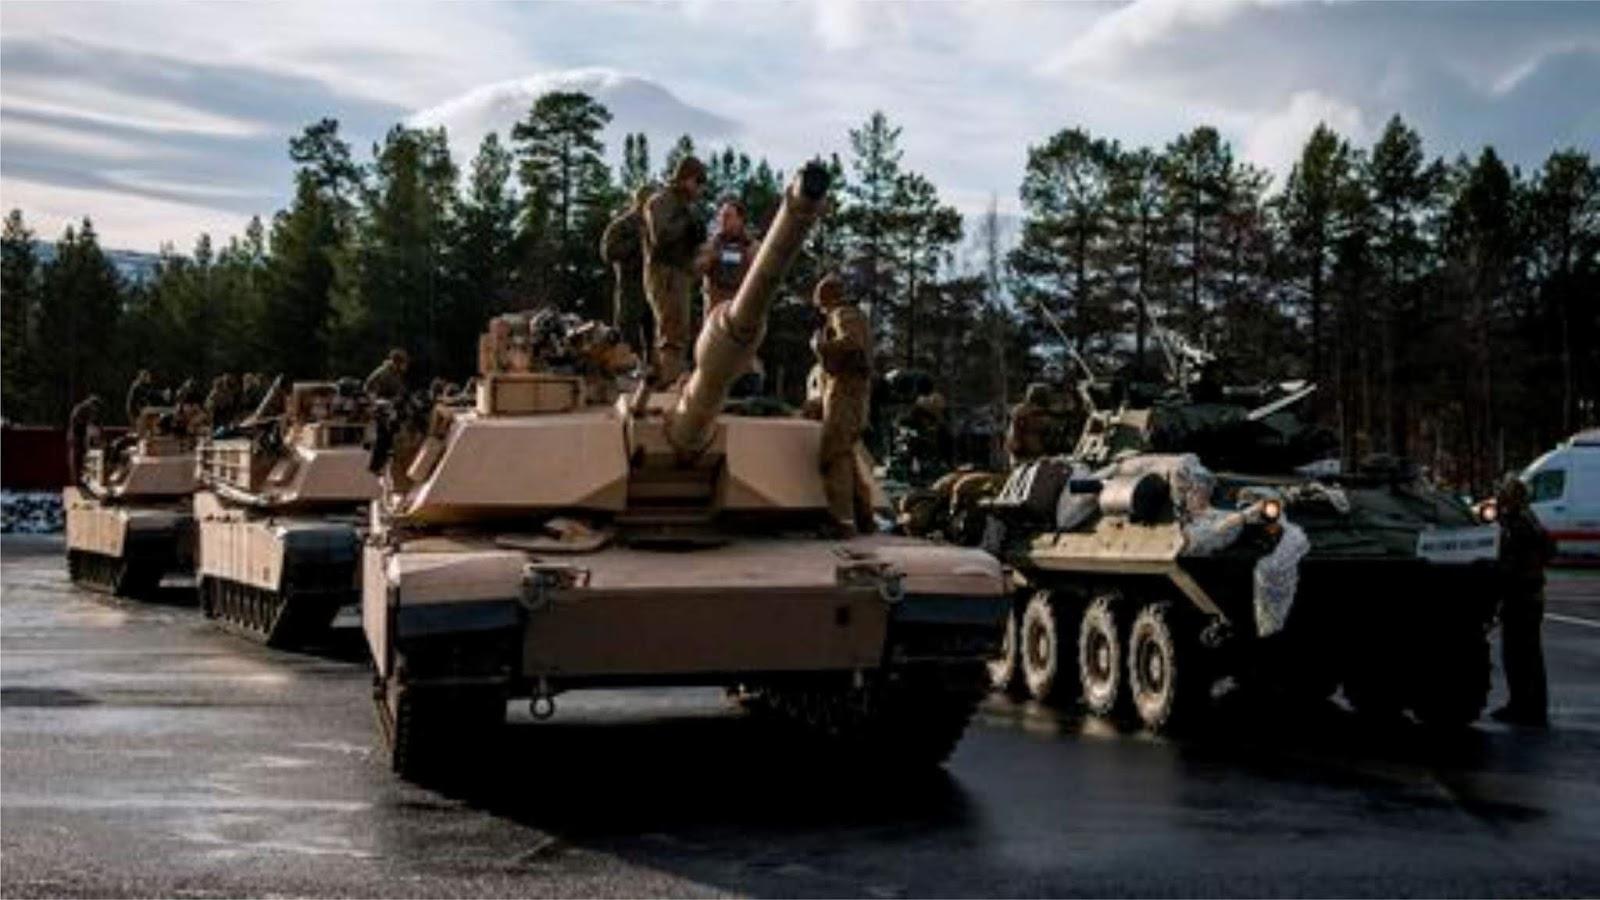 Penduduk Norwegia mengeluhkan pasukan NATO bab ditempat umum saat manuver Trident Juncture 2018